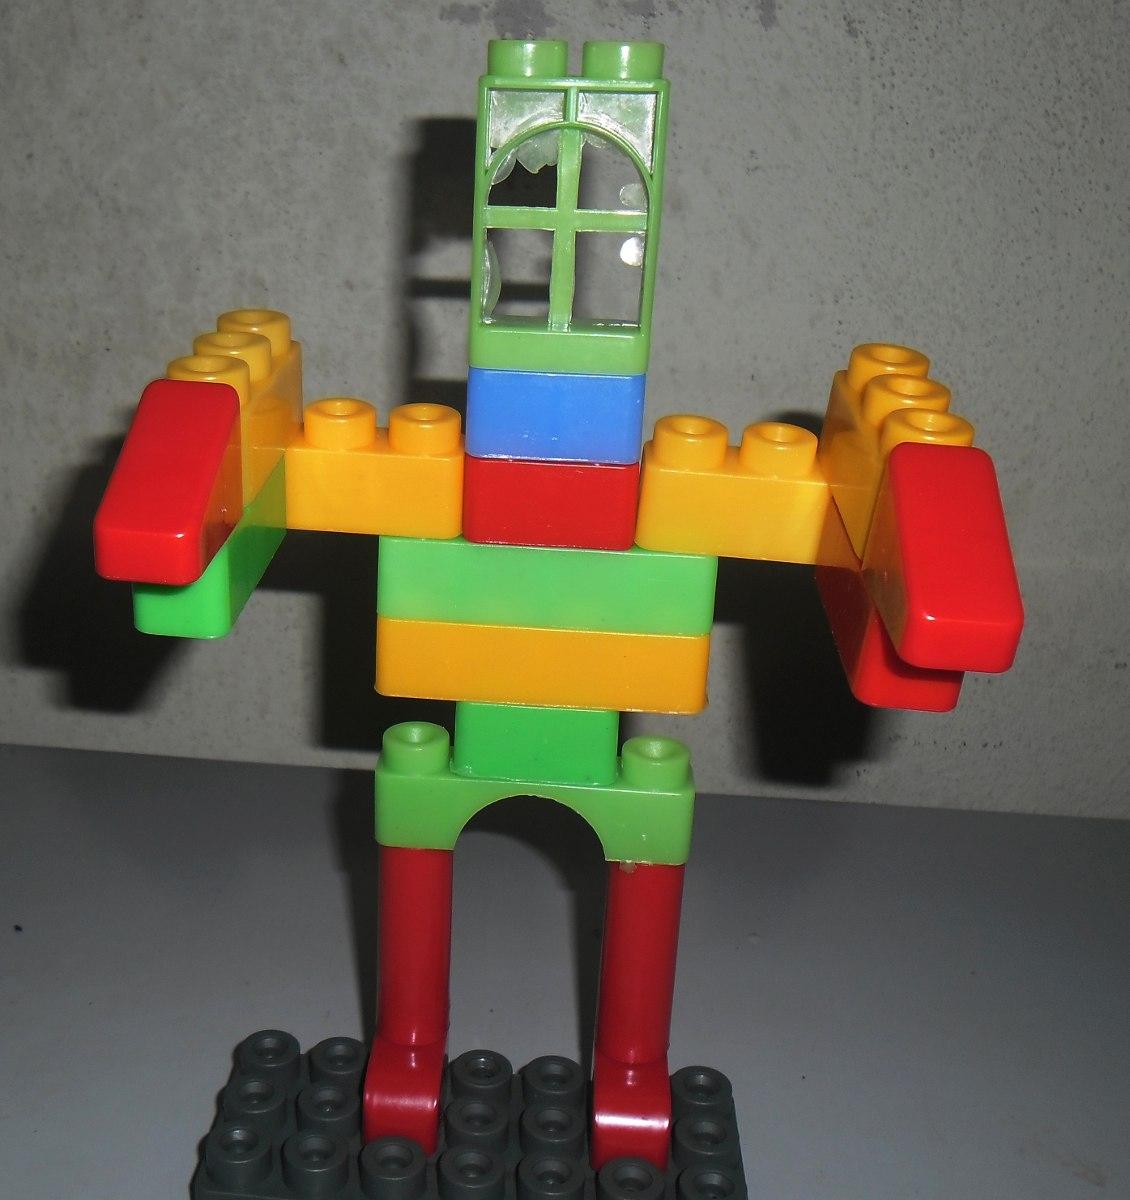 Tobo de legos super taco de 53 piezas grandes armar jugar - Piezas lego gigantes ...